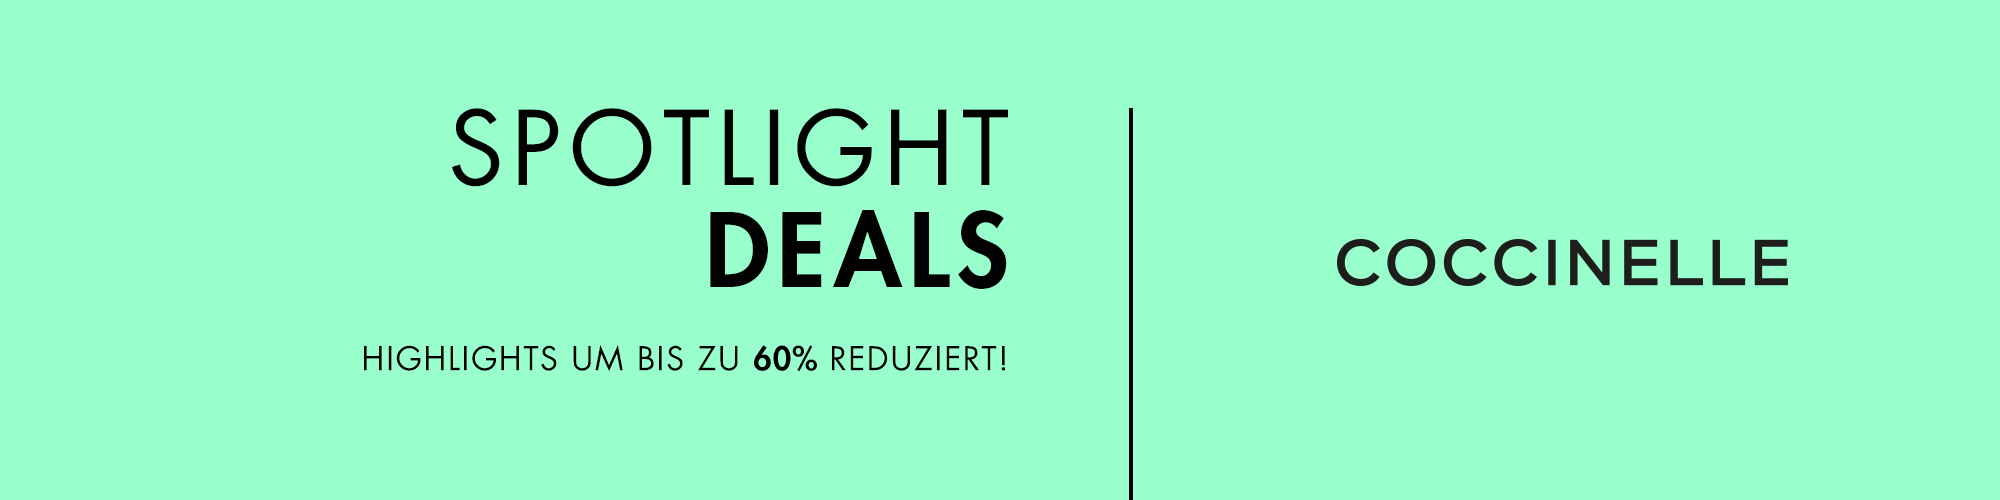 Spotlight Deals